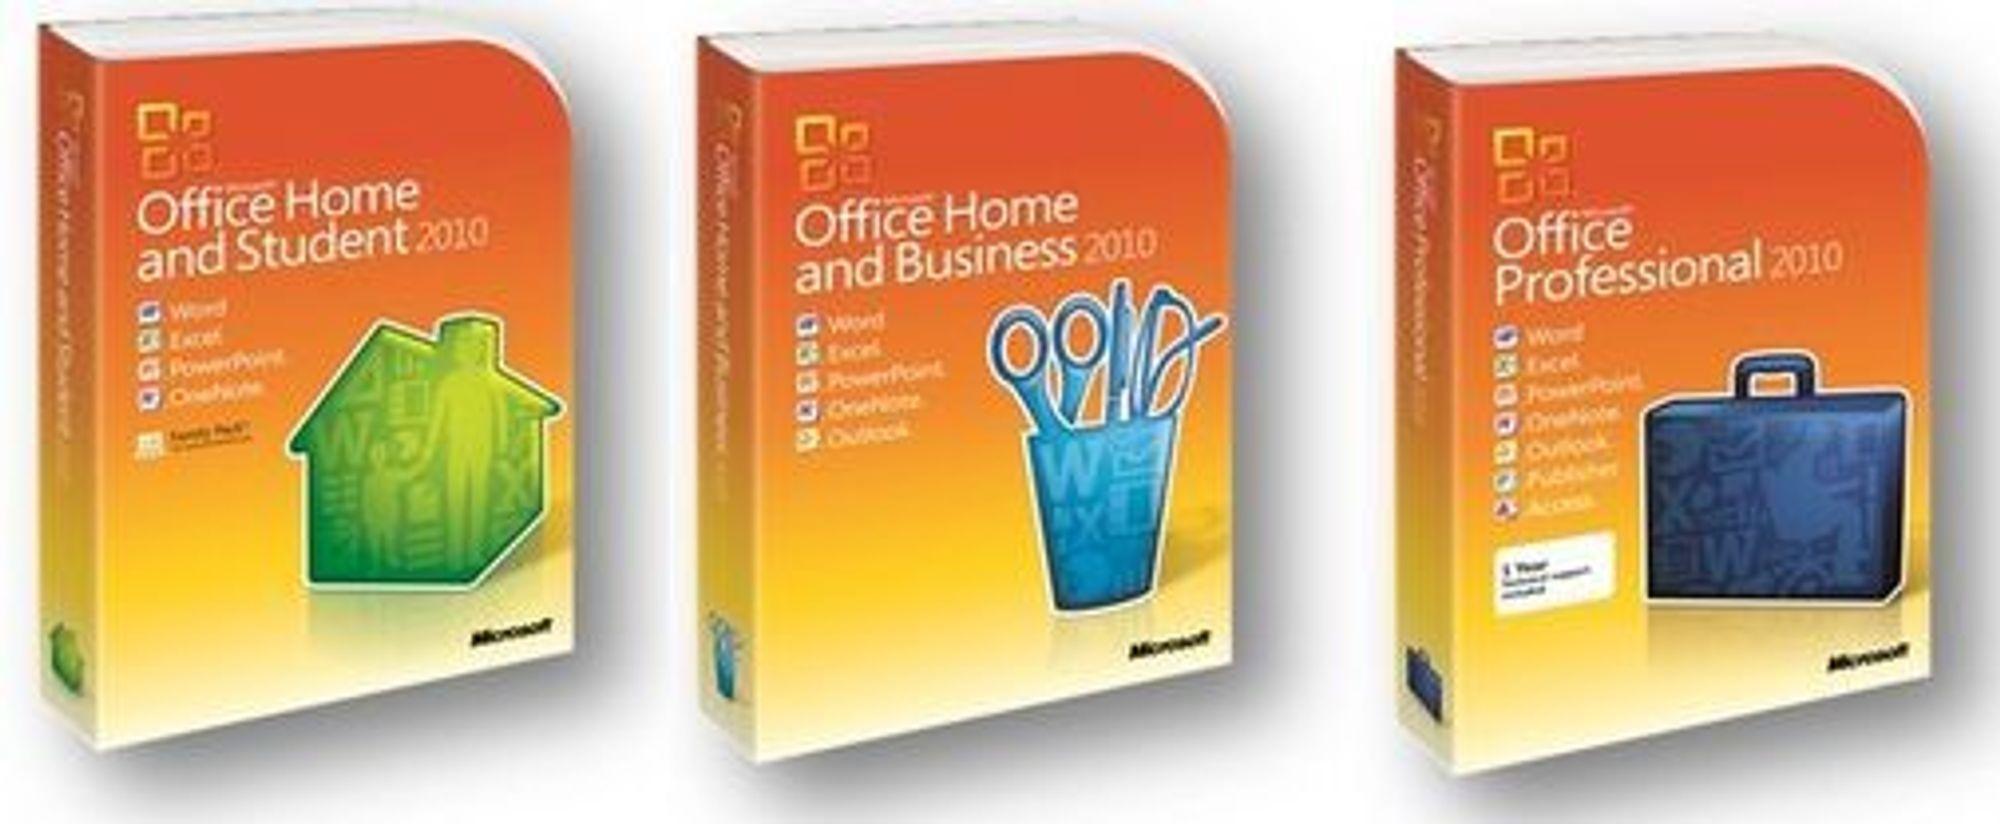 De vanligste utgavene av Microsoft Office 2010.